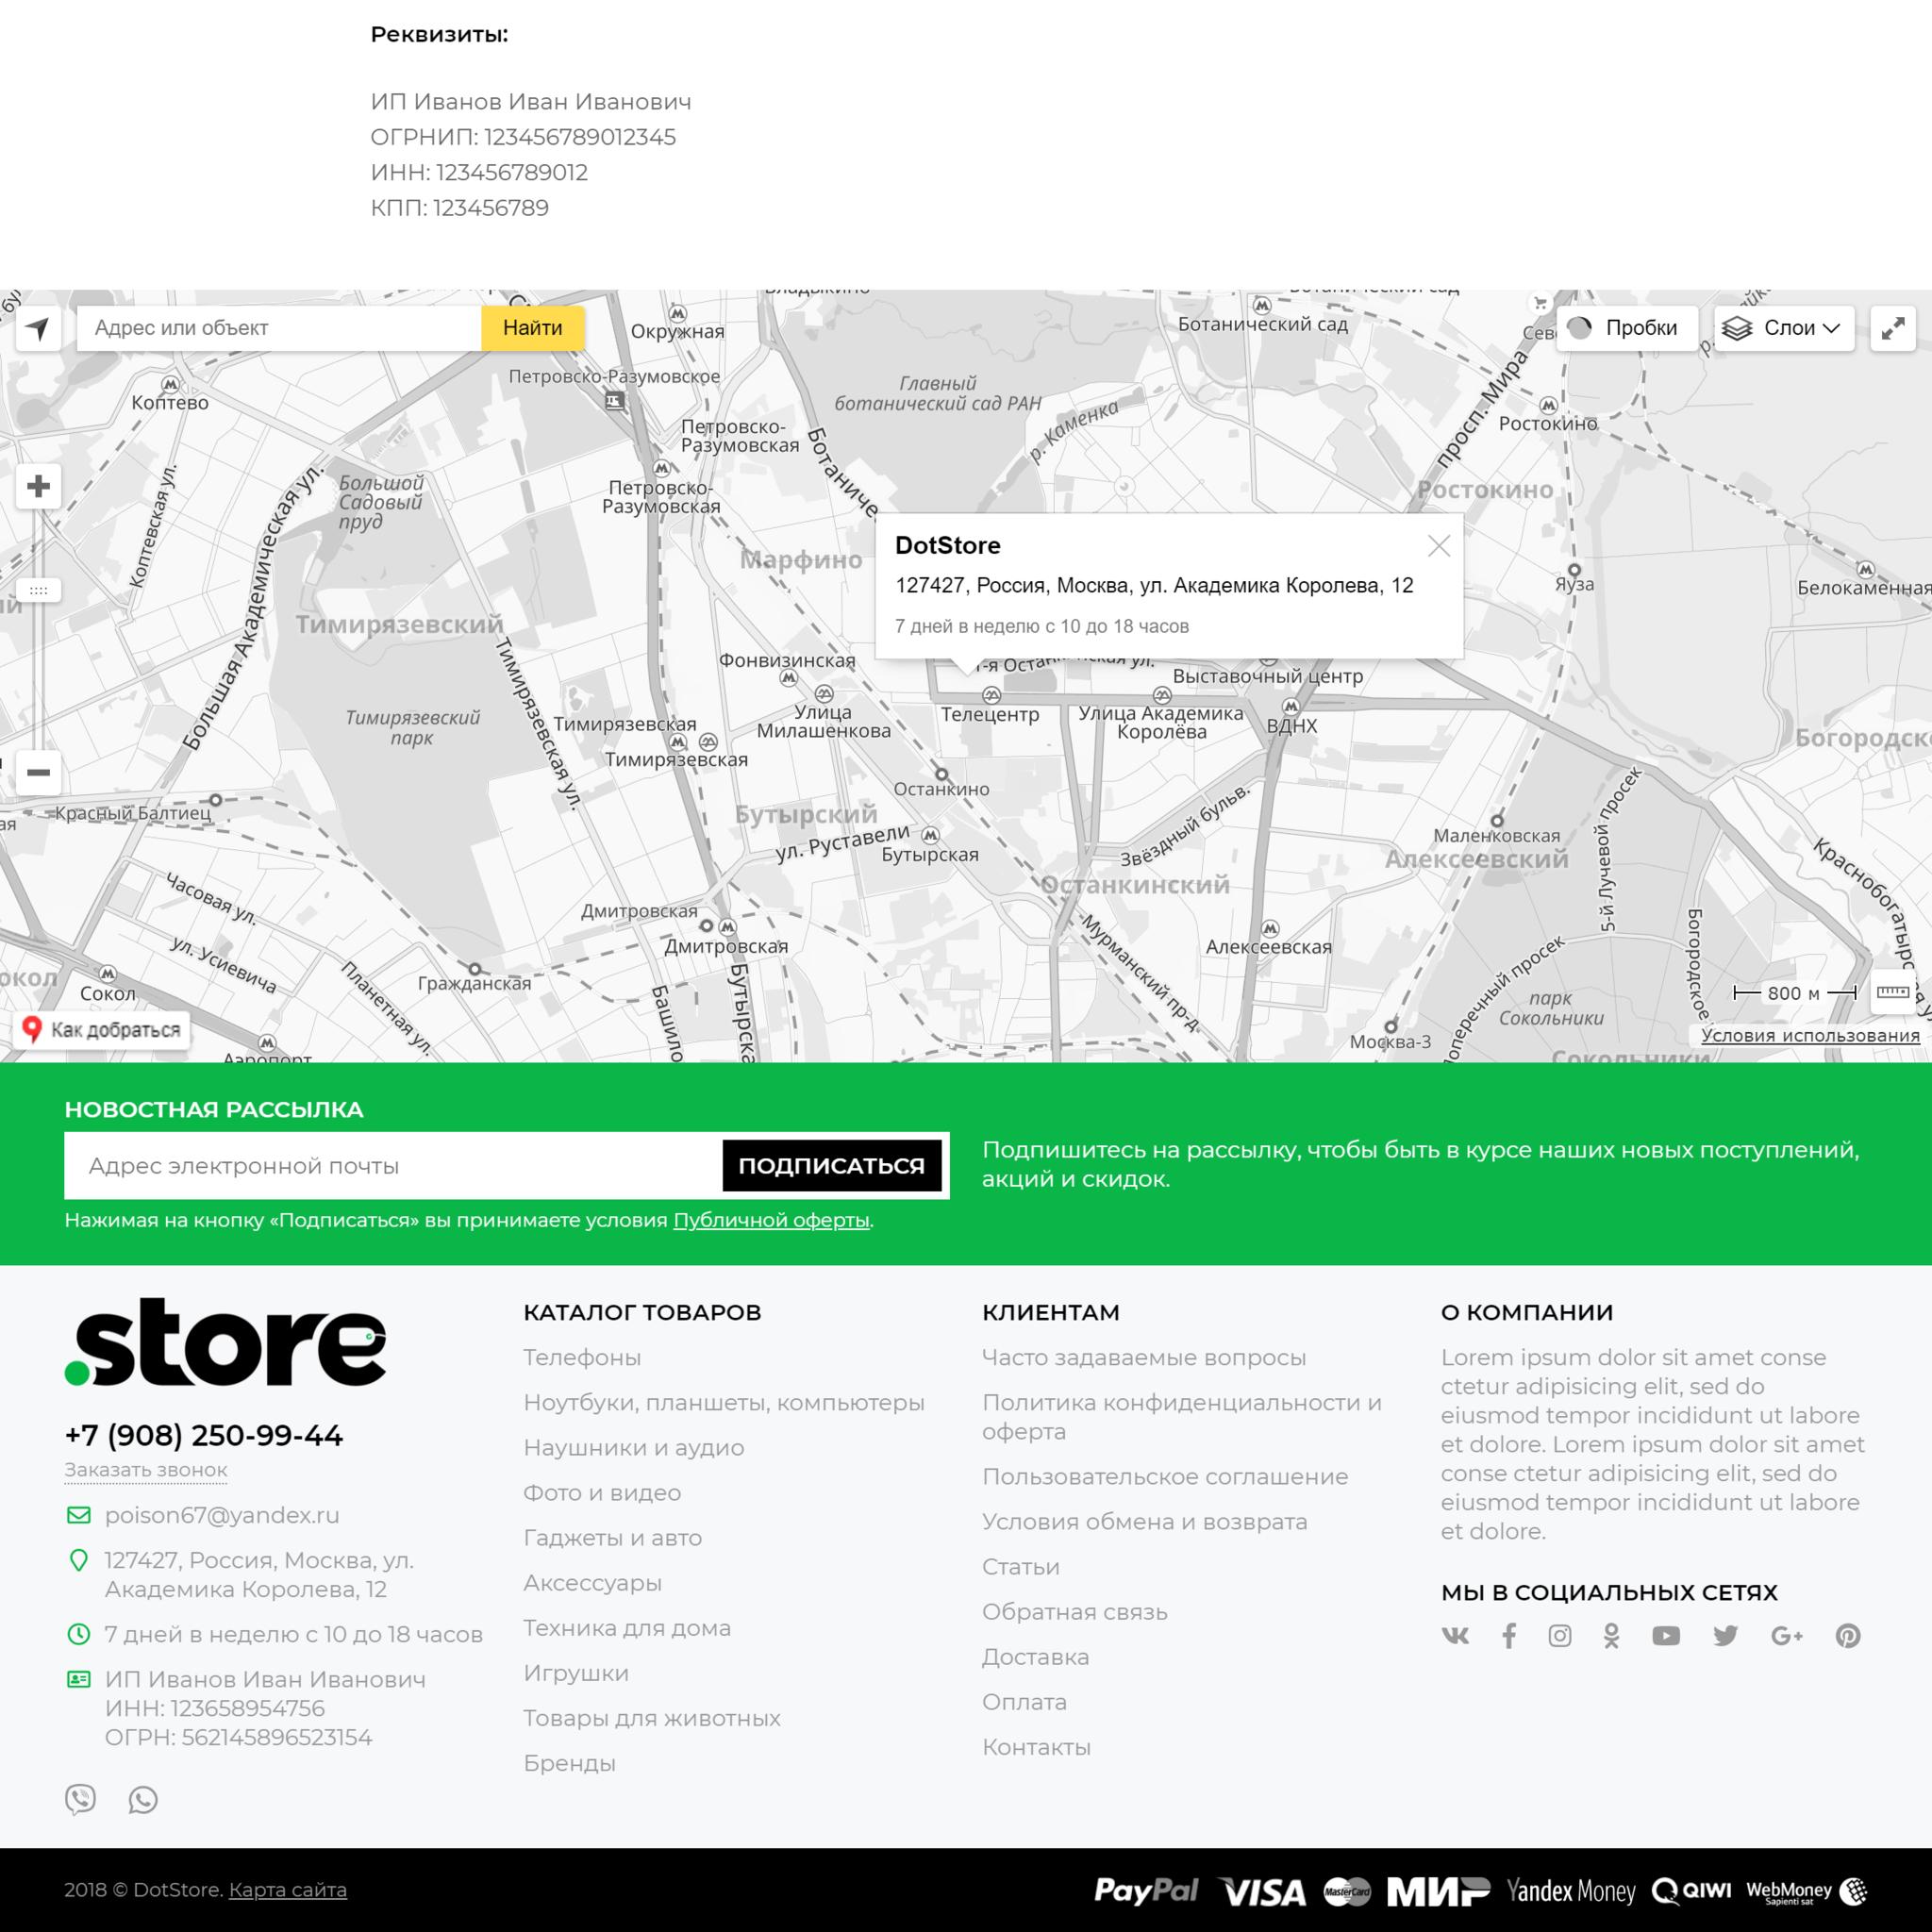 Шаблон интернет магазина - Dotstore